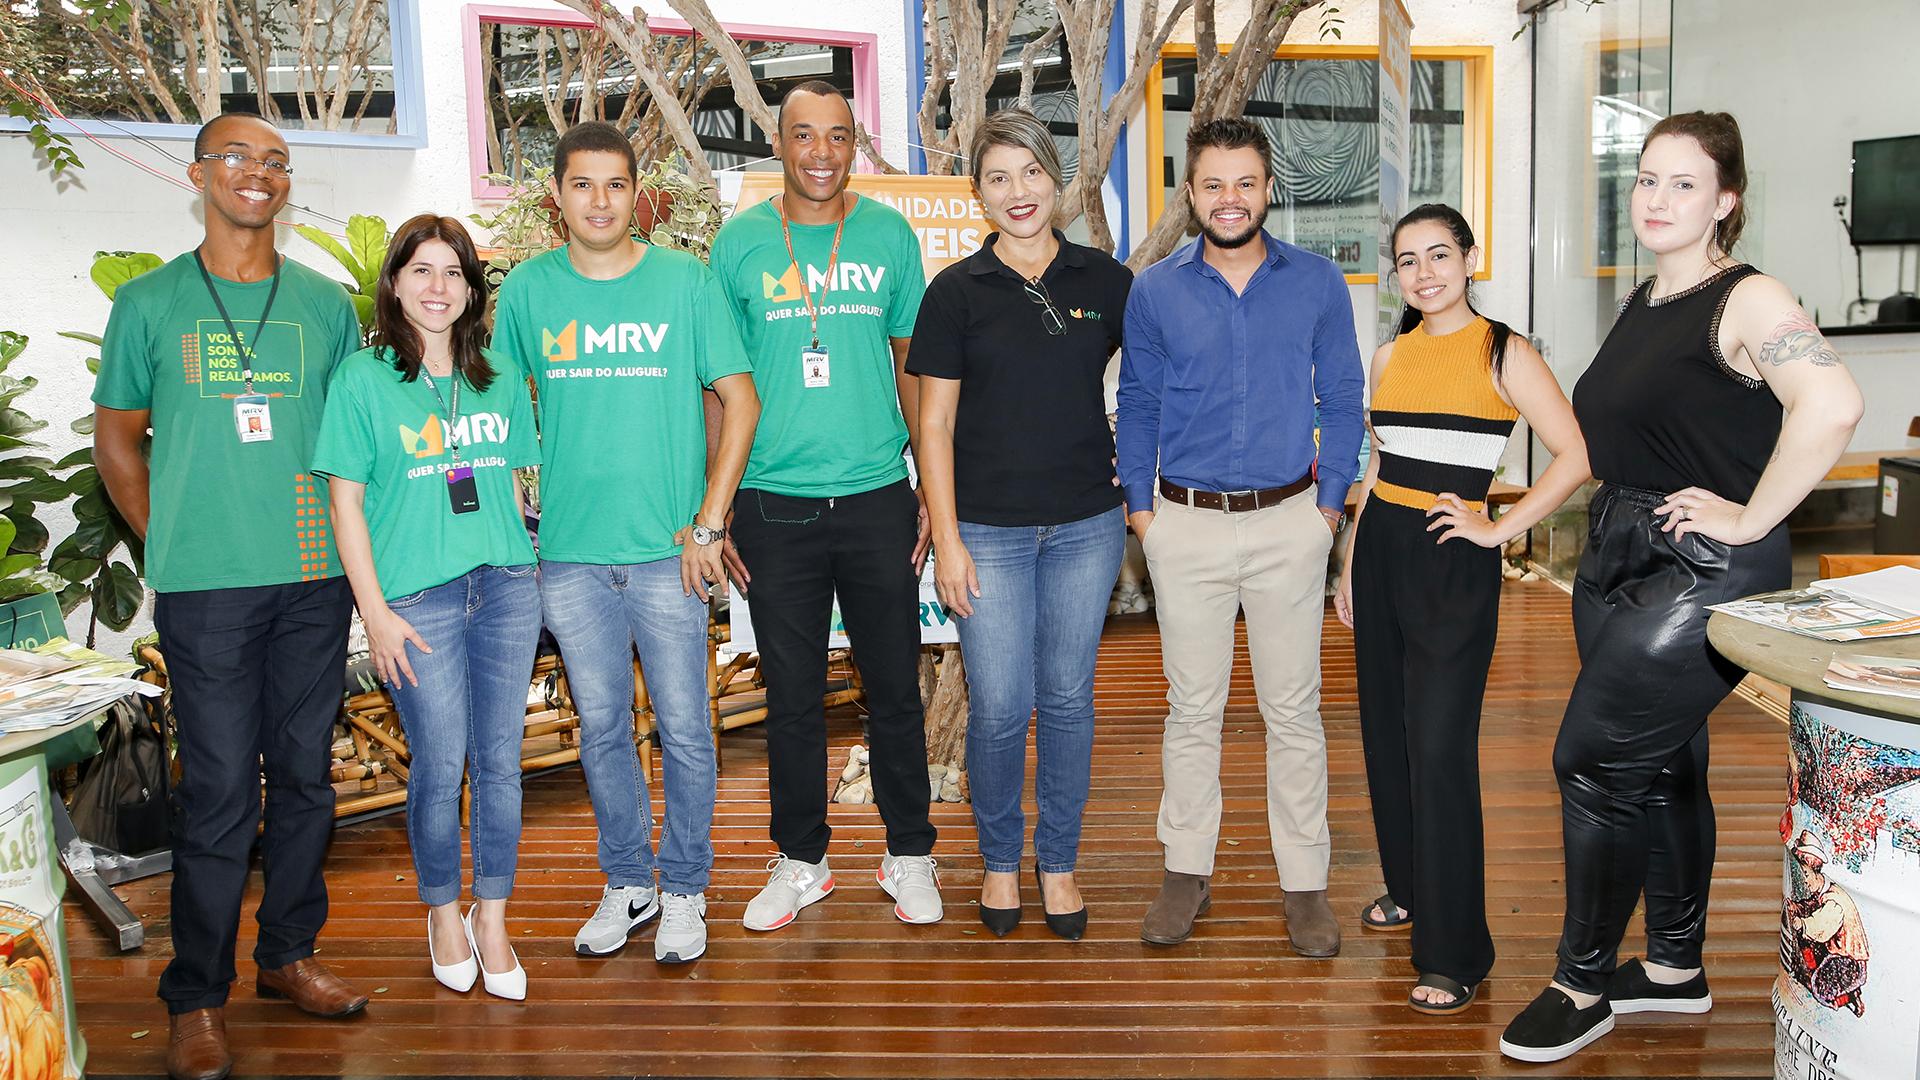 Equipes MRV e CroSoften em ação de marketing interno na sede da CroSoften em Uberlândia